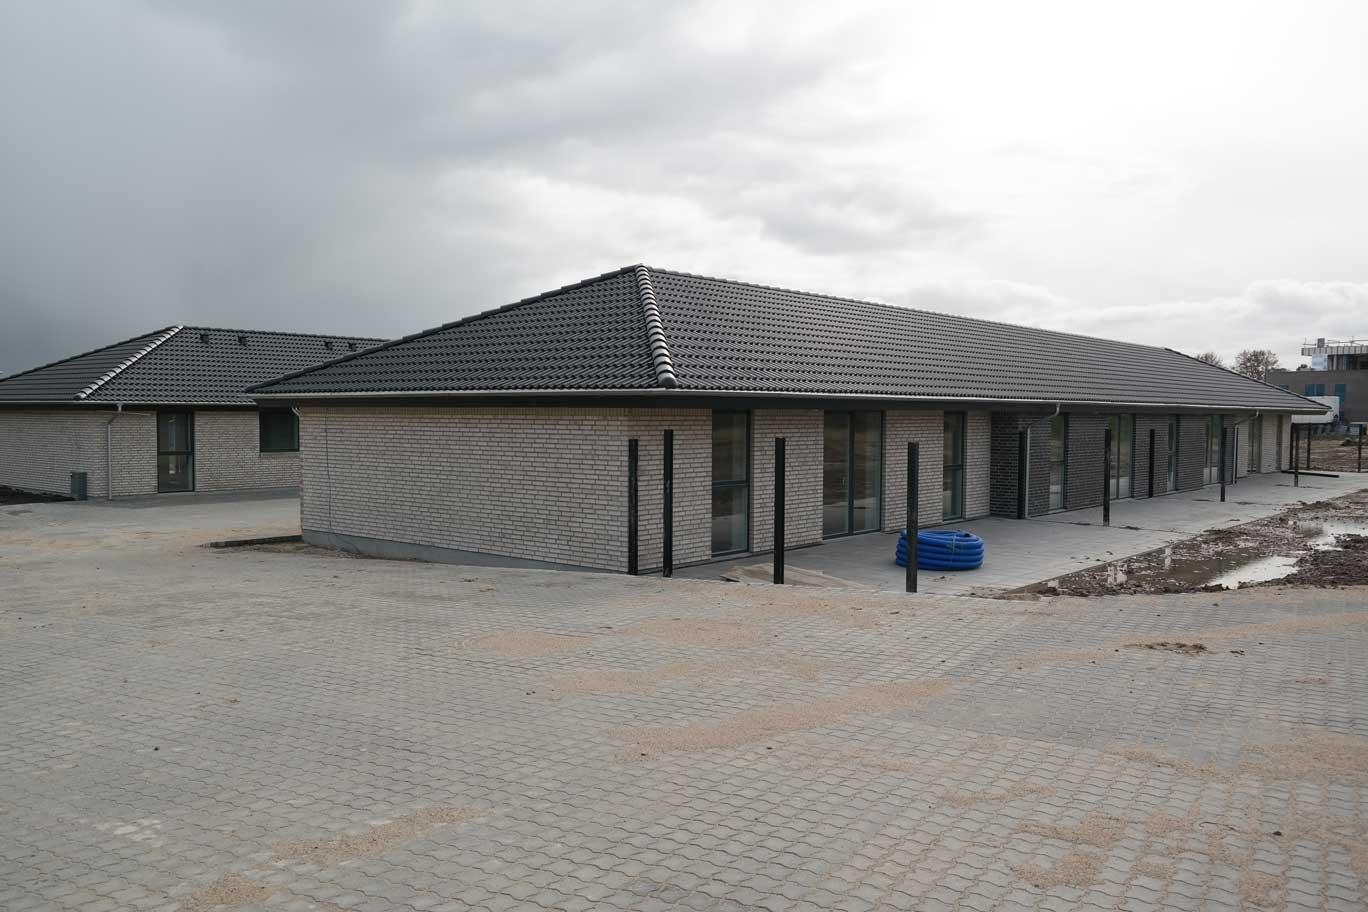 Projekt for eurodan-huse